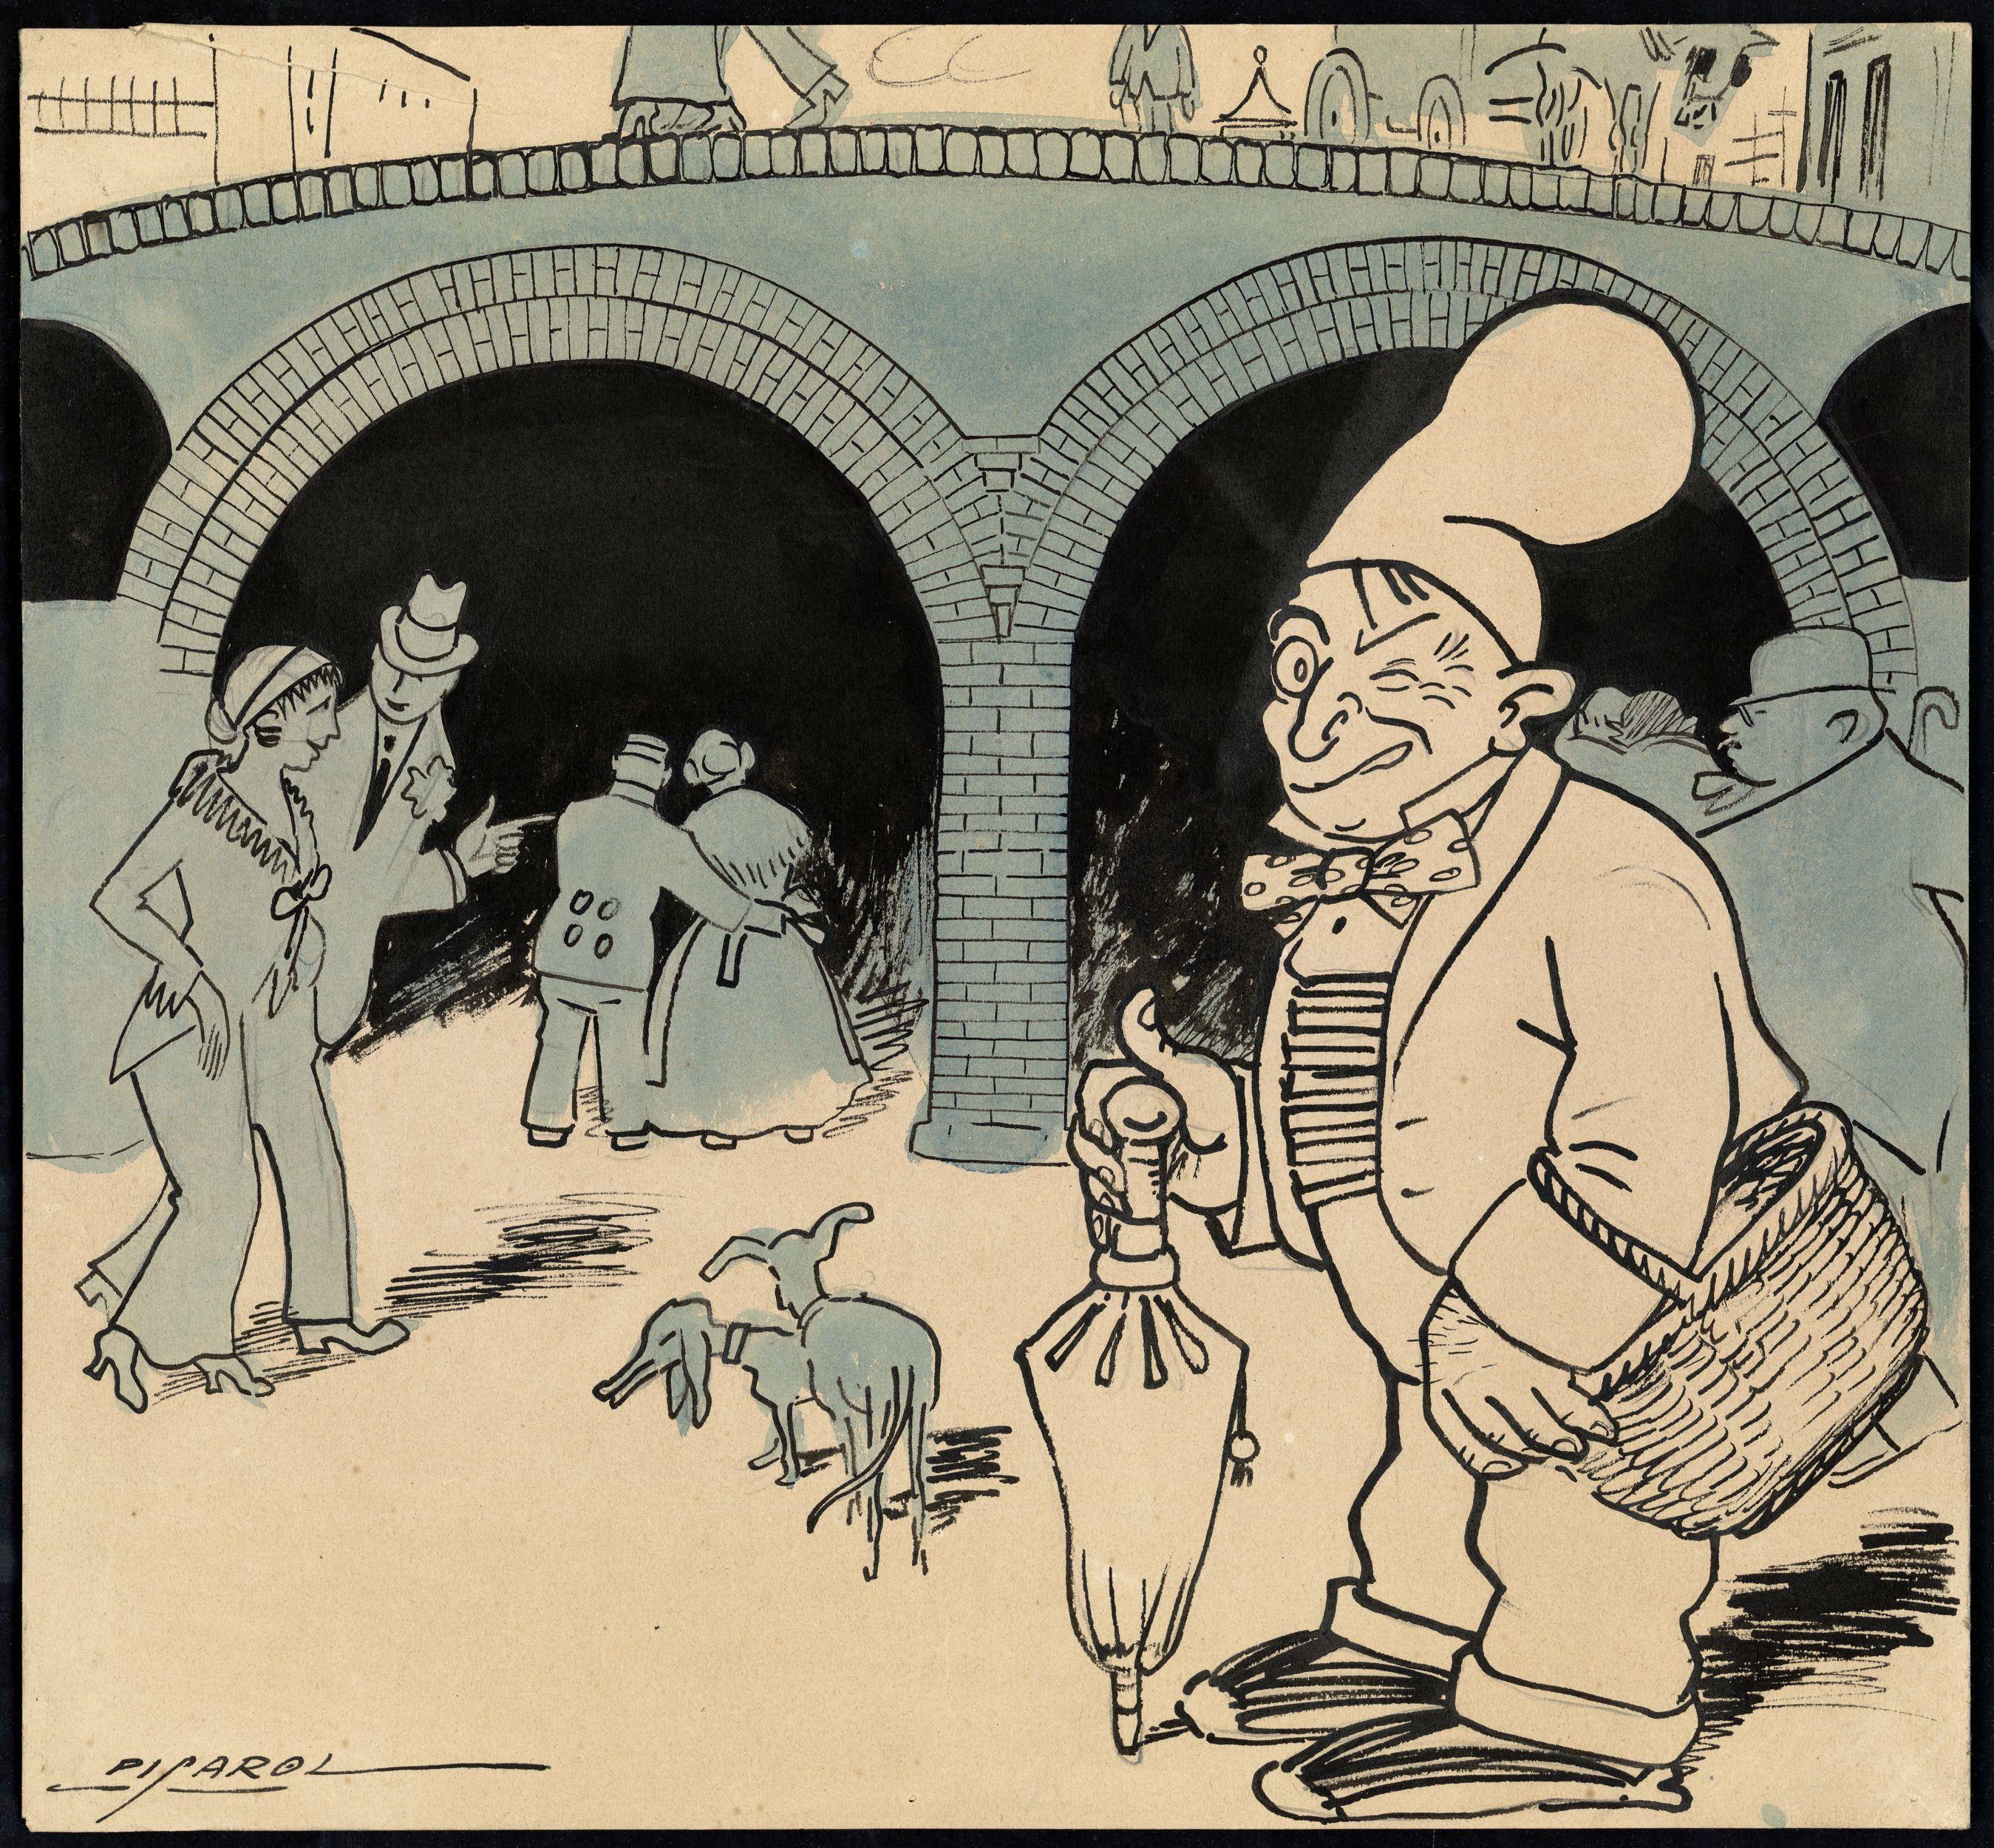 Visió satírica de les obres del nou ferrocarril subterrani de la ciutat, el futur metro, segons el ninotaire Picarol l'any 1913, publicada a L'Esquella de la Torratxa.